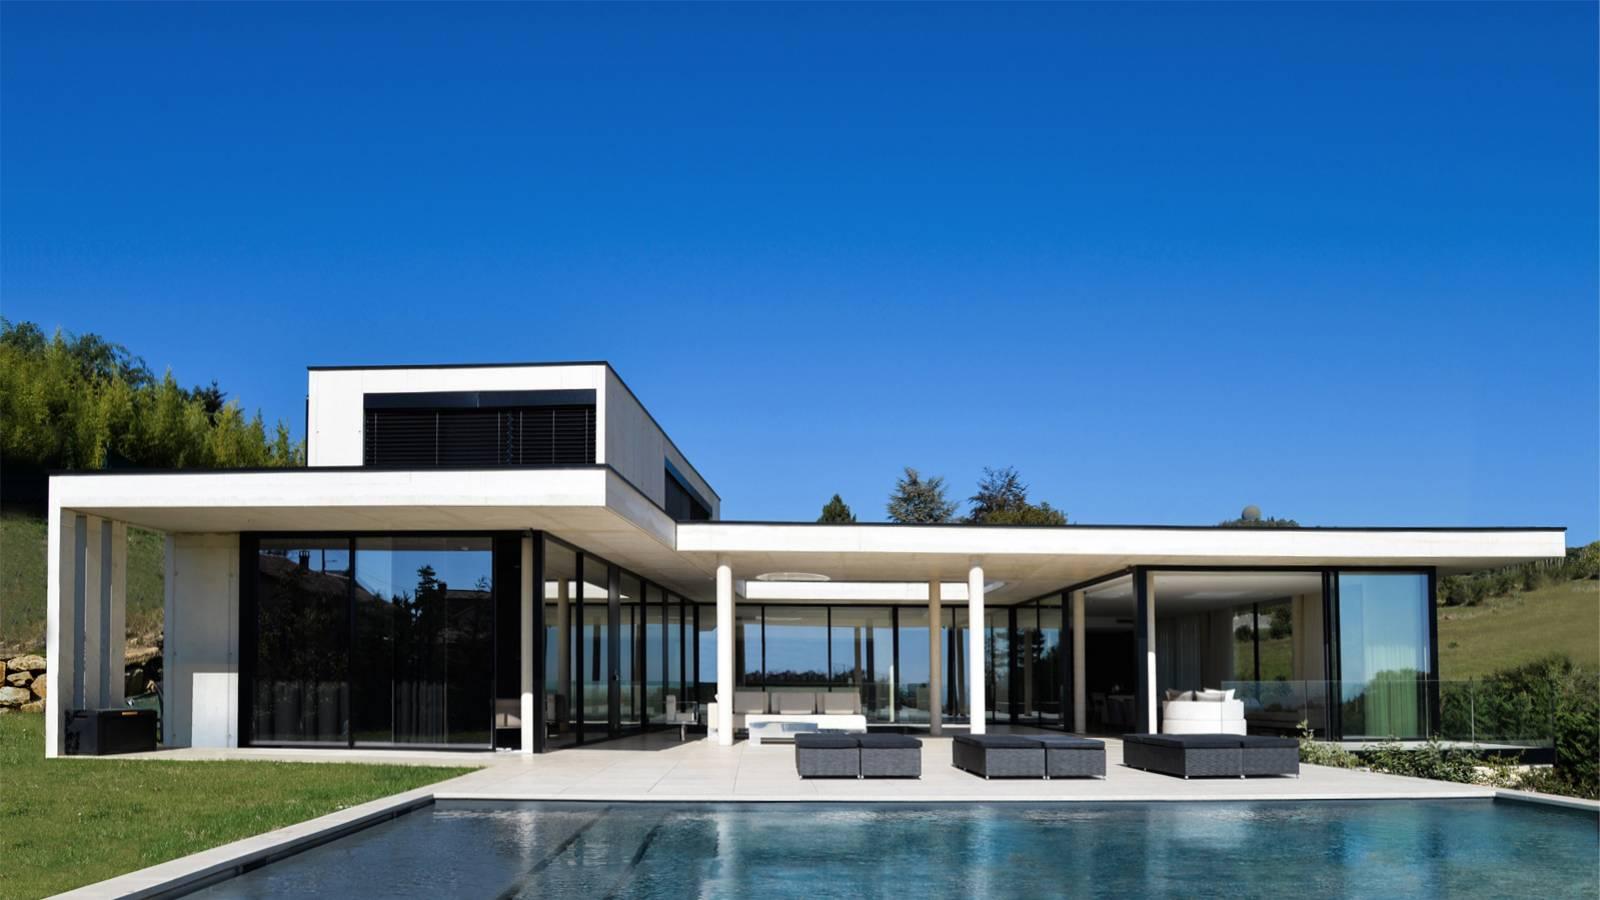 Maison Contemporaine Avec Piscine Miroir Sur Les Hauteurs De Lyon Cabinet D Architecture D Interieur En Auvergne Rhone Alpes Cabinet Vielliard Francheteau Architectures